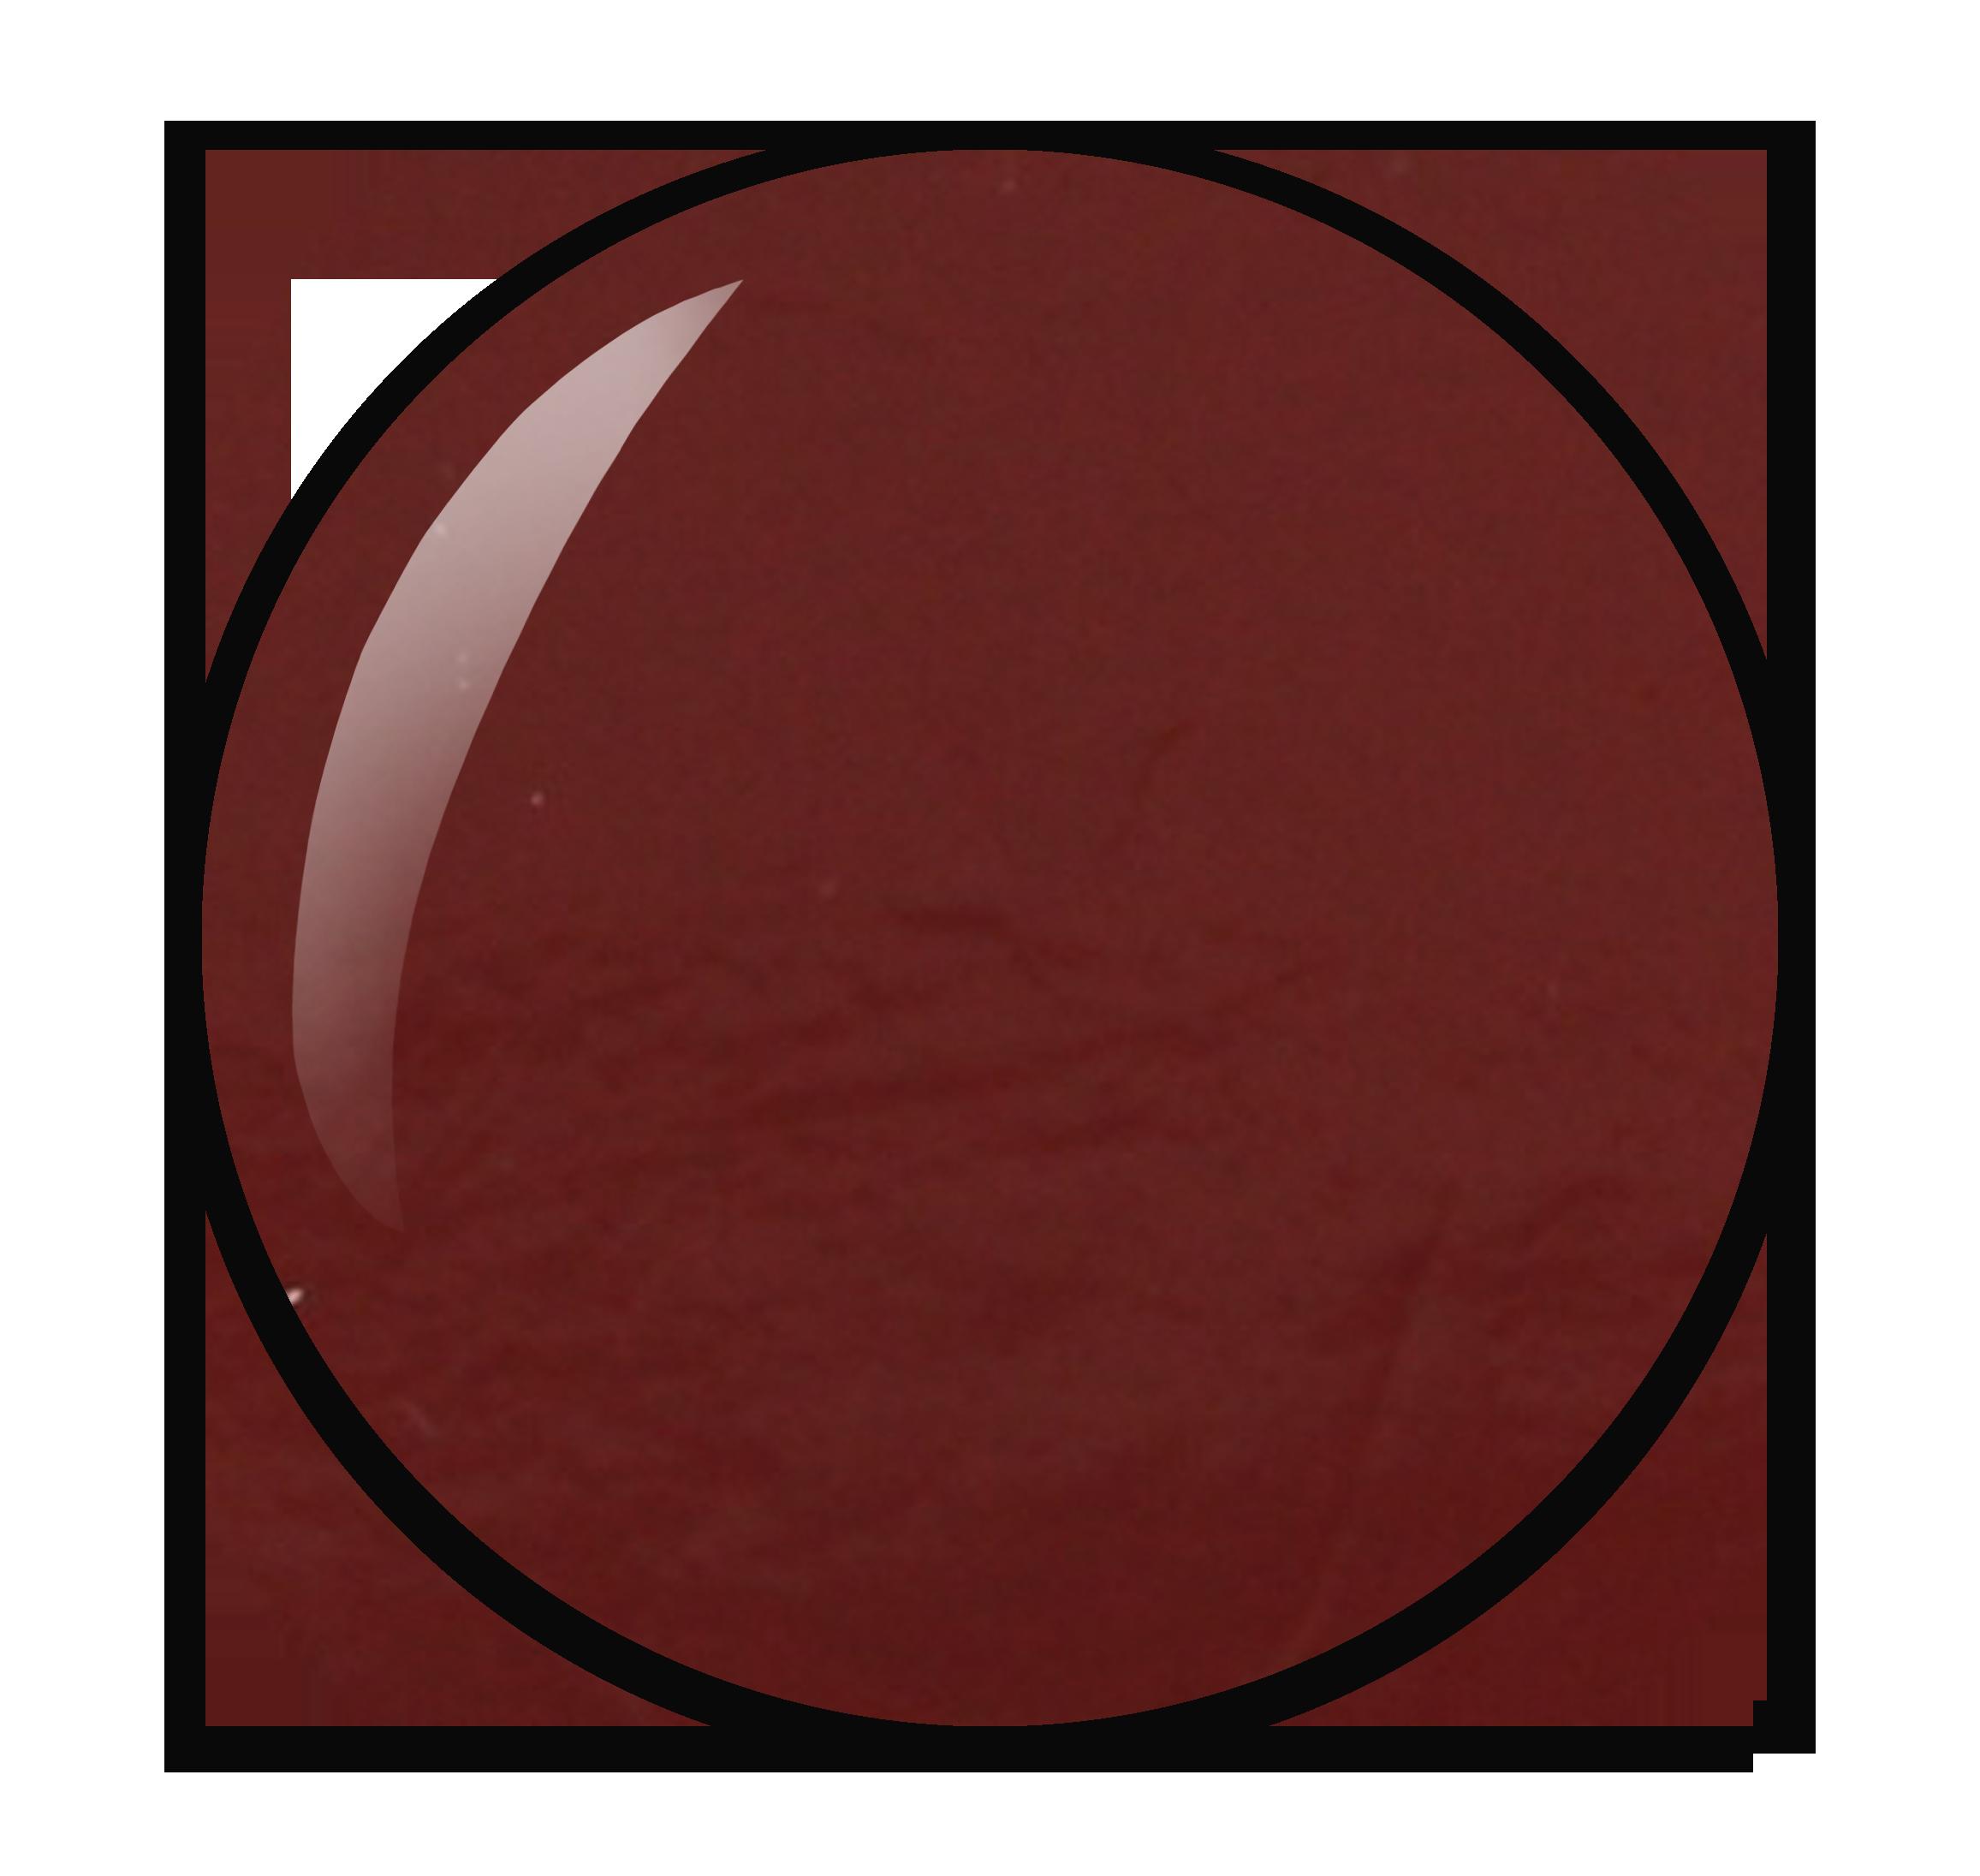 Bordeaux rode nagellak nummer 116 uit nagellak collectie